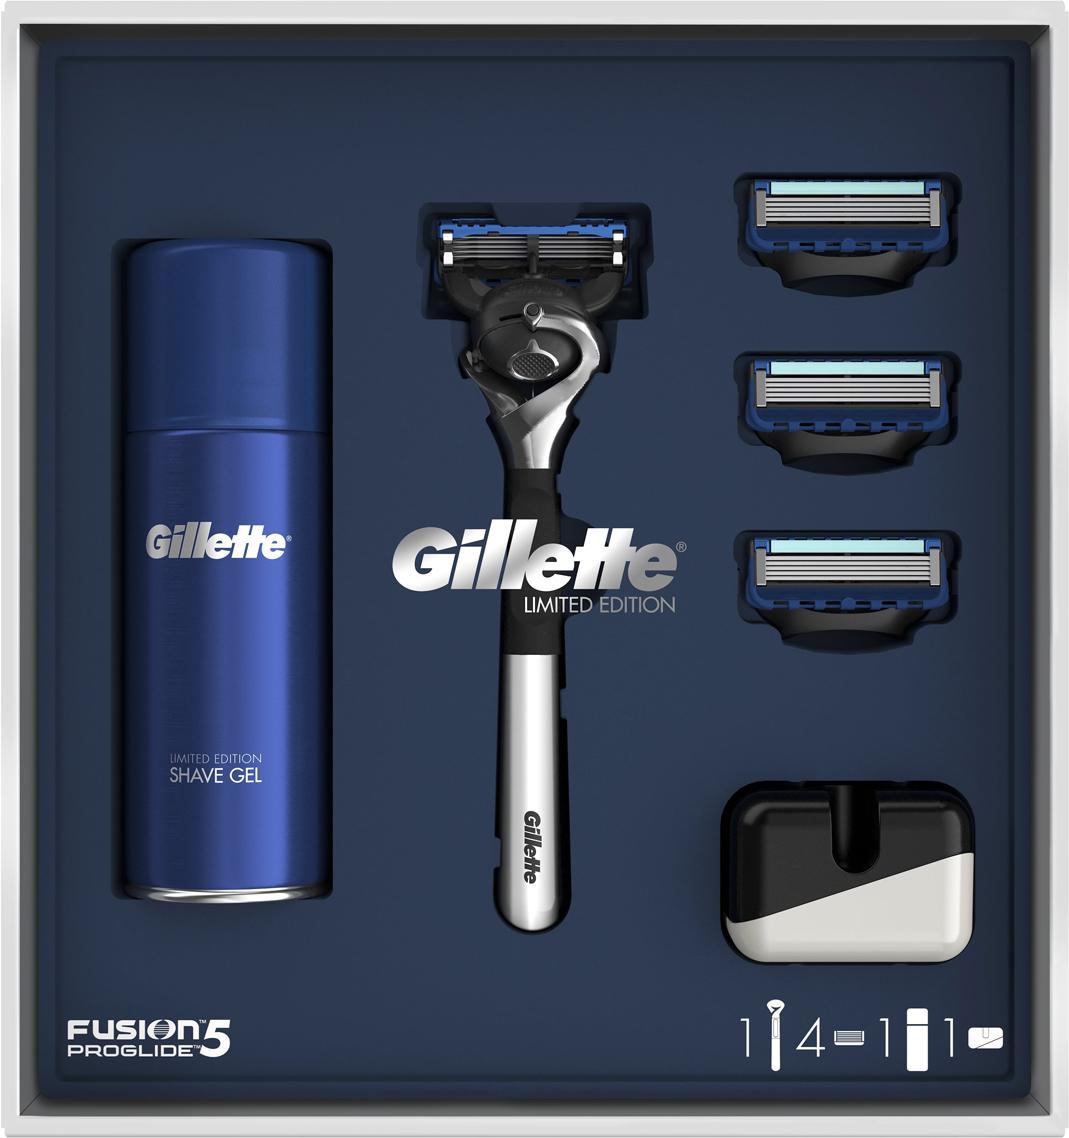 Подарочный набор Gillette Fusion5 ProGlide: Бритва + 4 кассеты+ Гель для бритья 75 мл. + Подставка